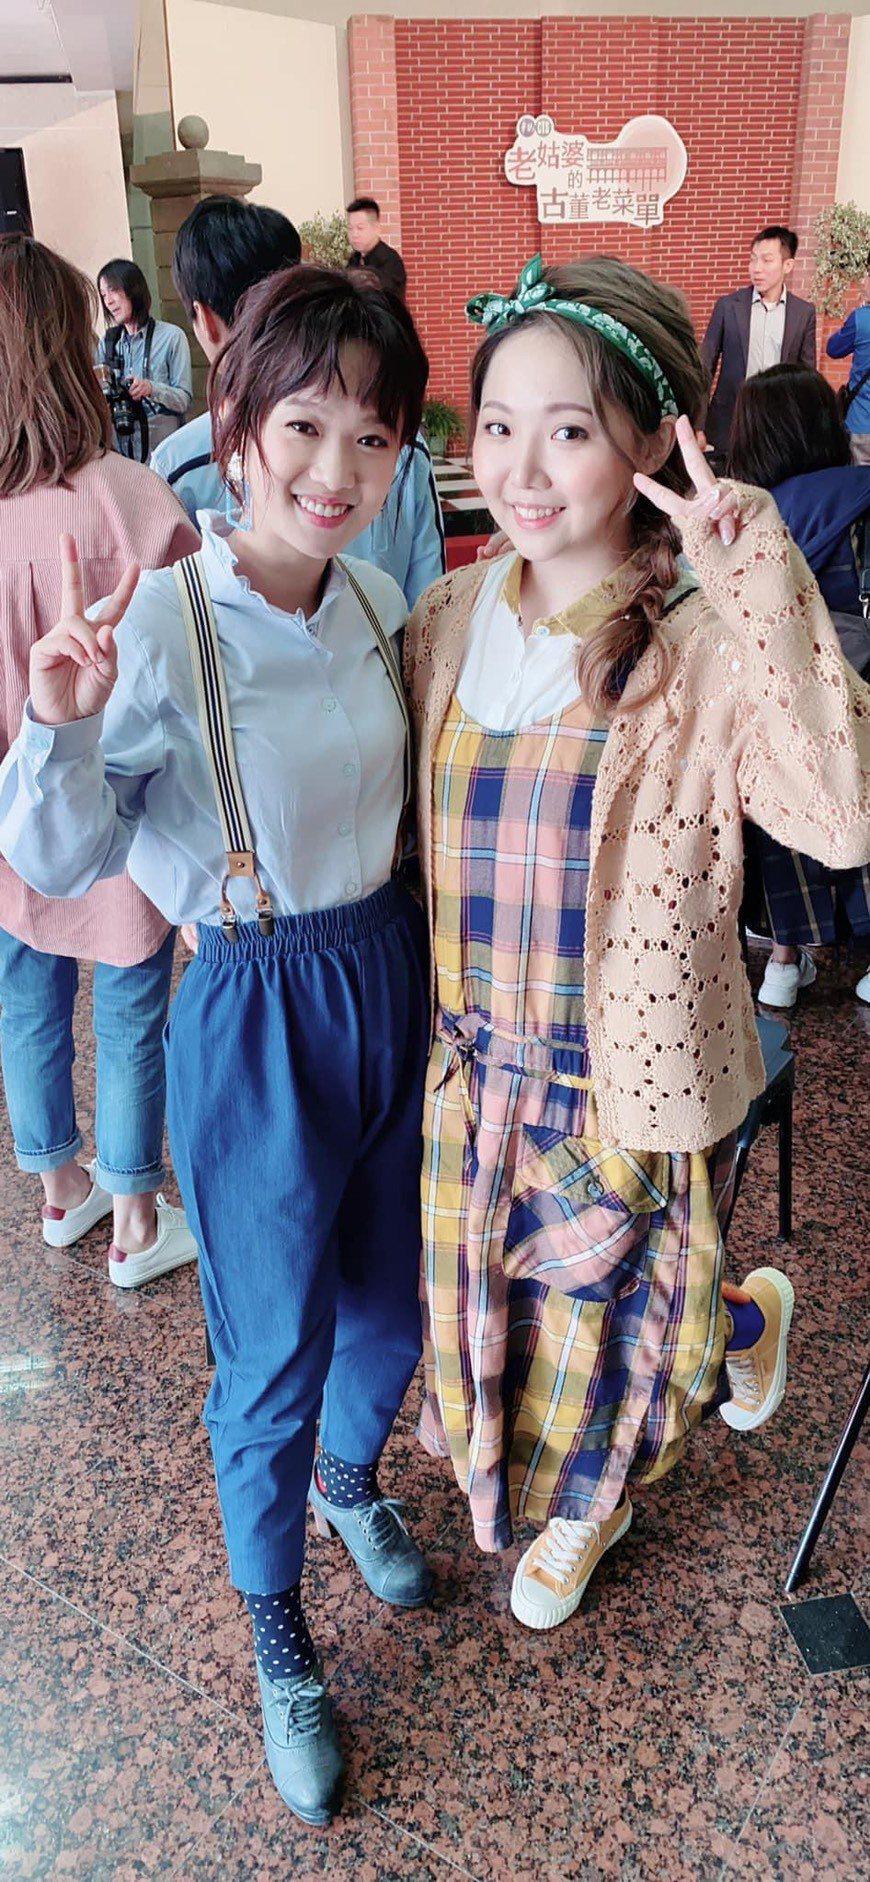 黃聖雅(右)、嚴正嵐演出「老姑婆的古董老菜單」。圖/摘自臉書